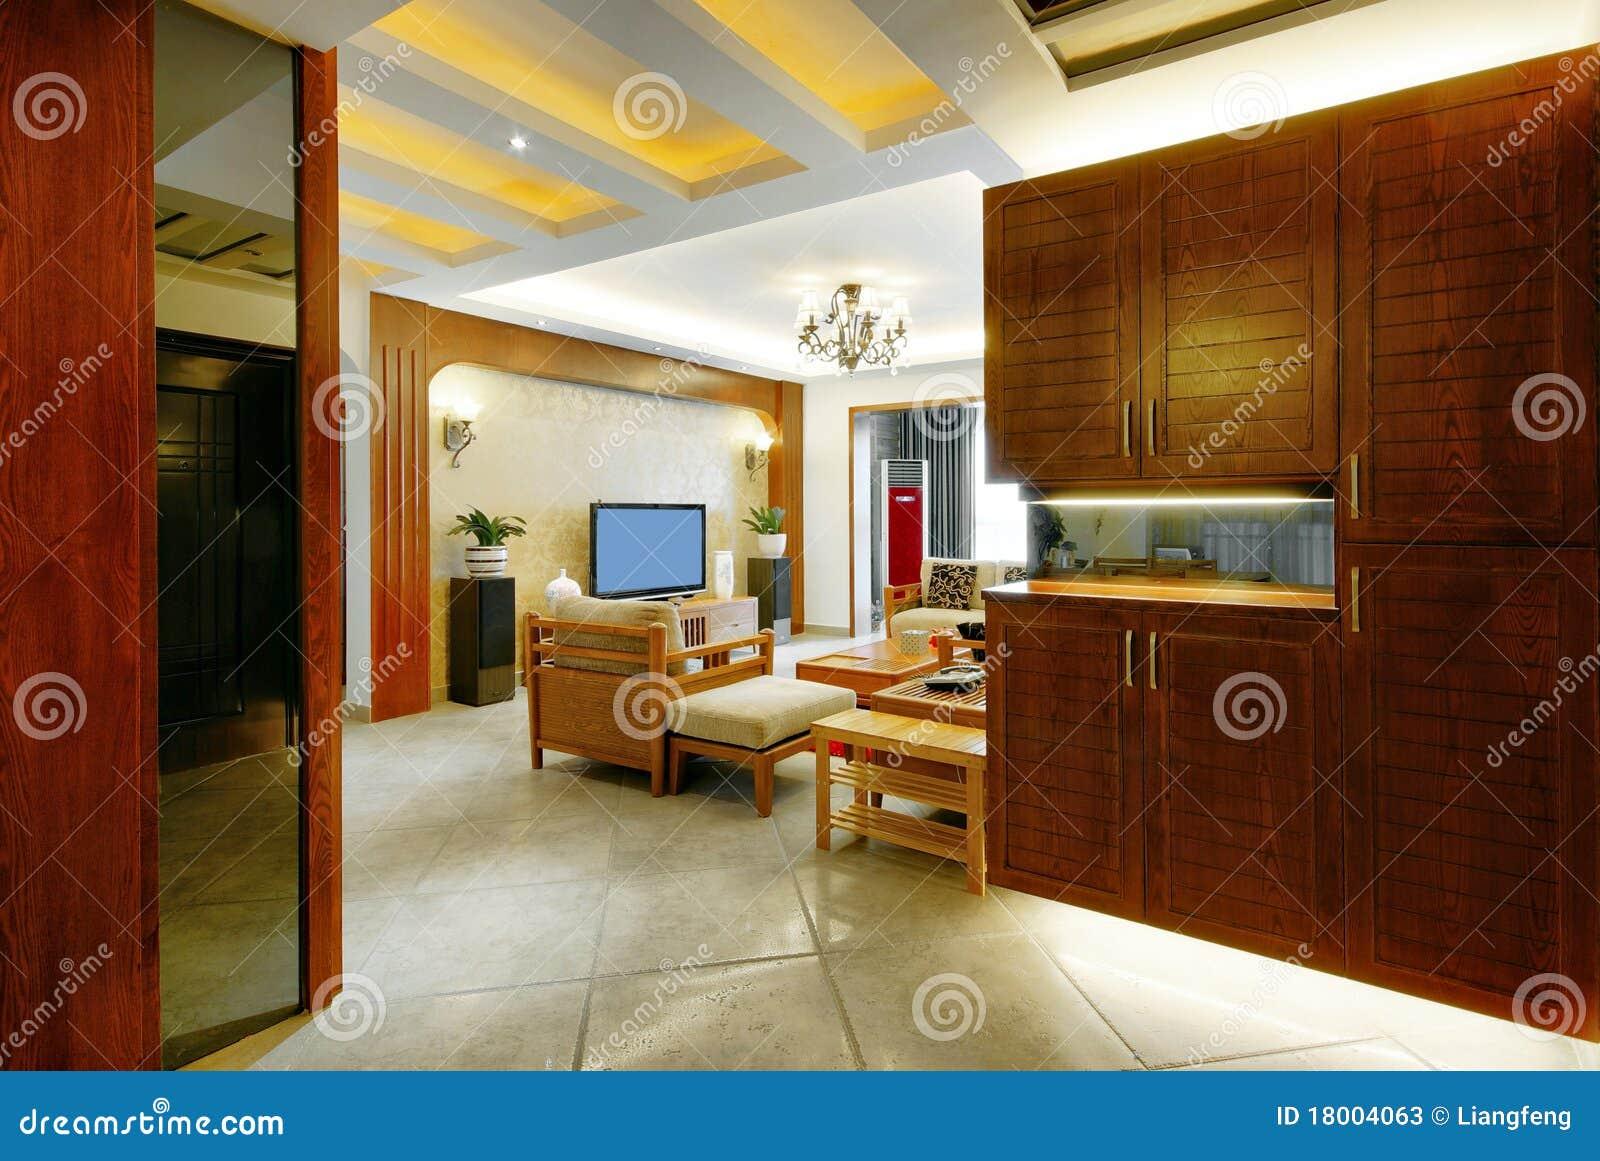 Beautiful Home Decor Stock Photos Image 18004063